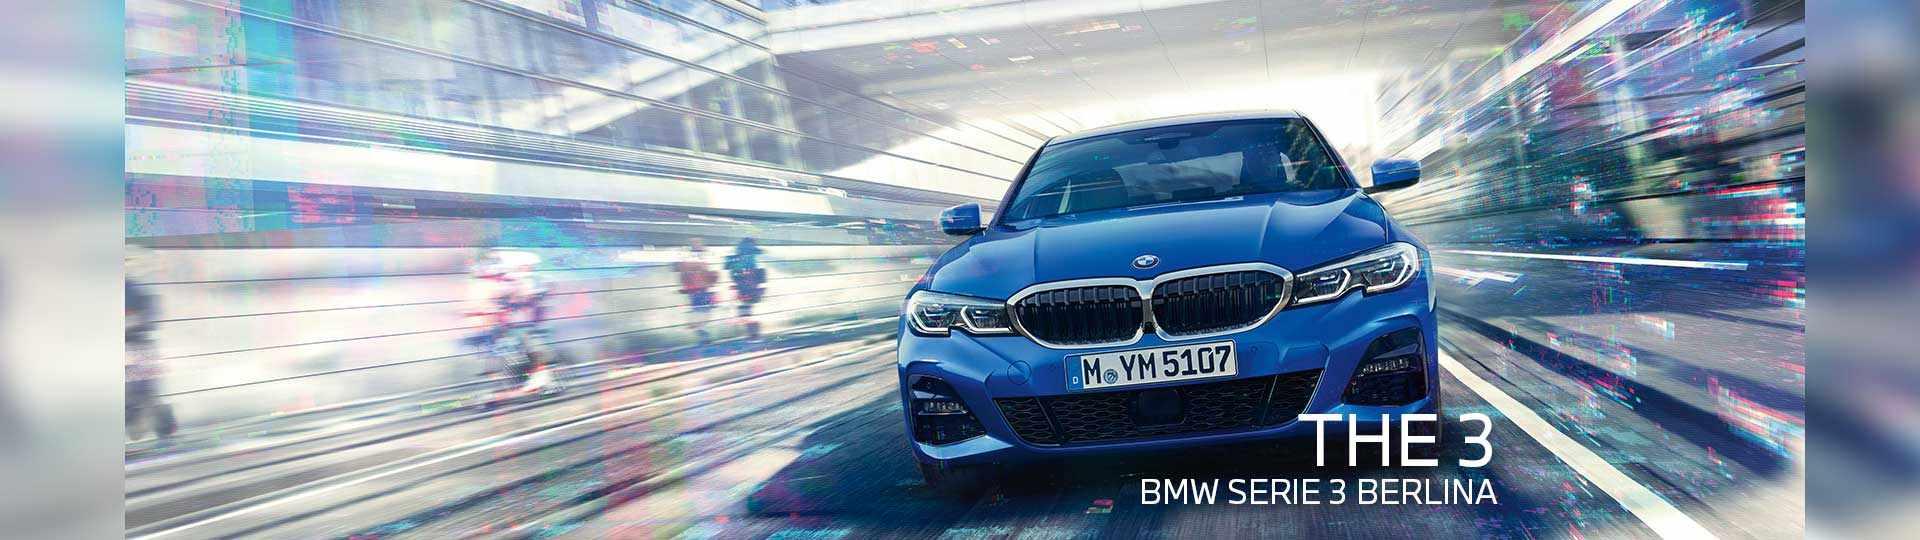 BMW-Serie-3-Berlina-min.jpg